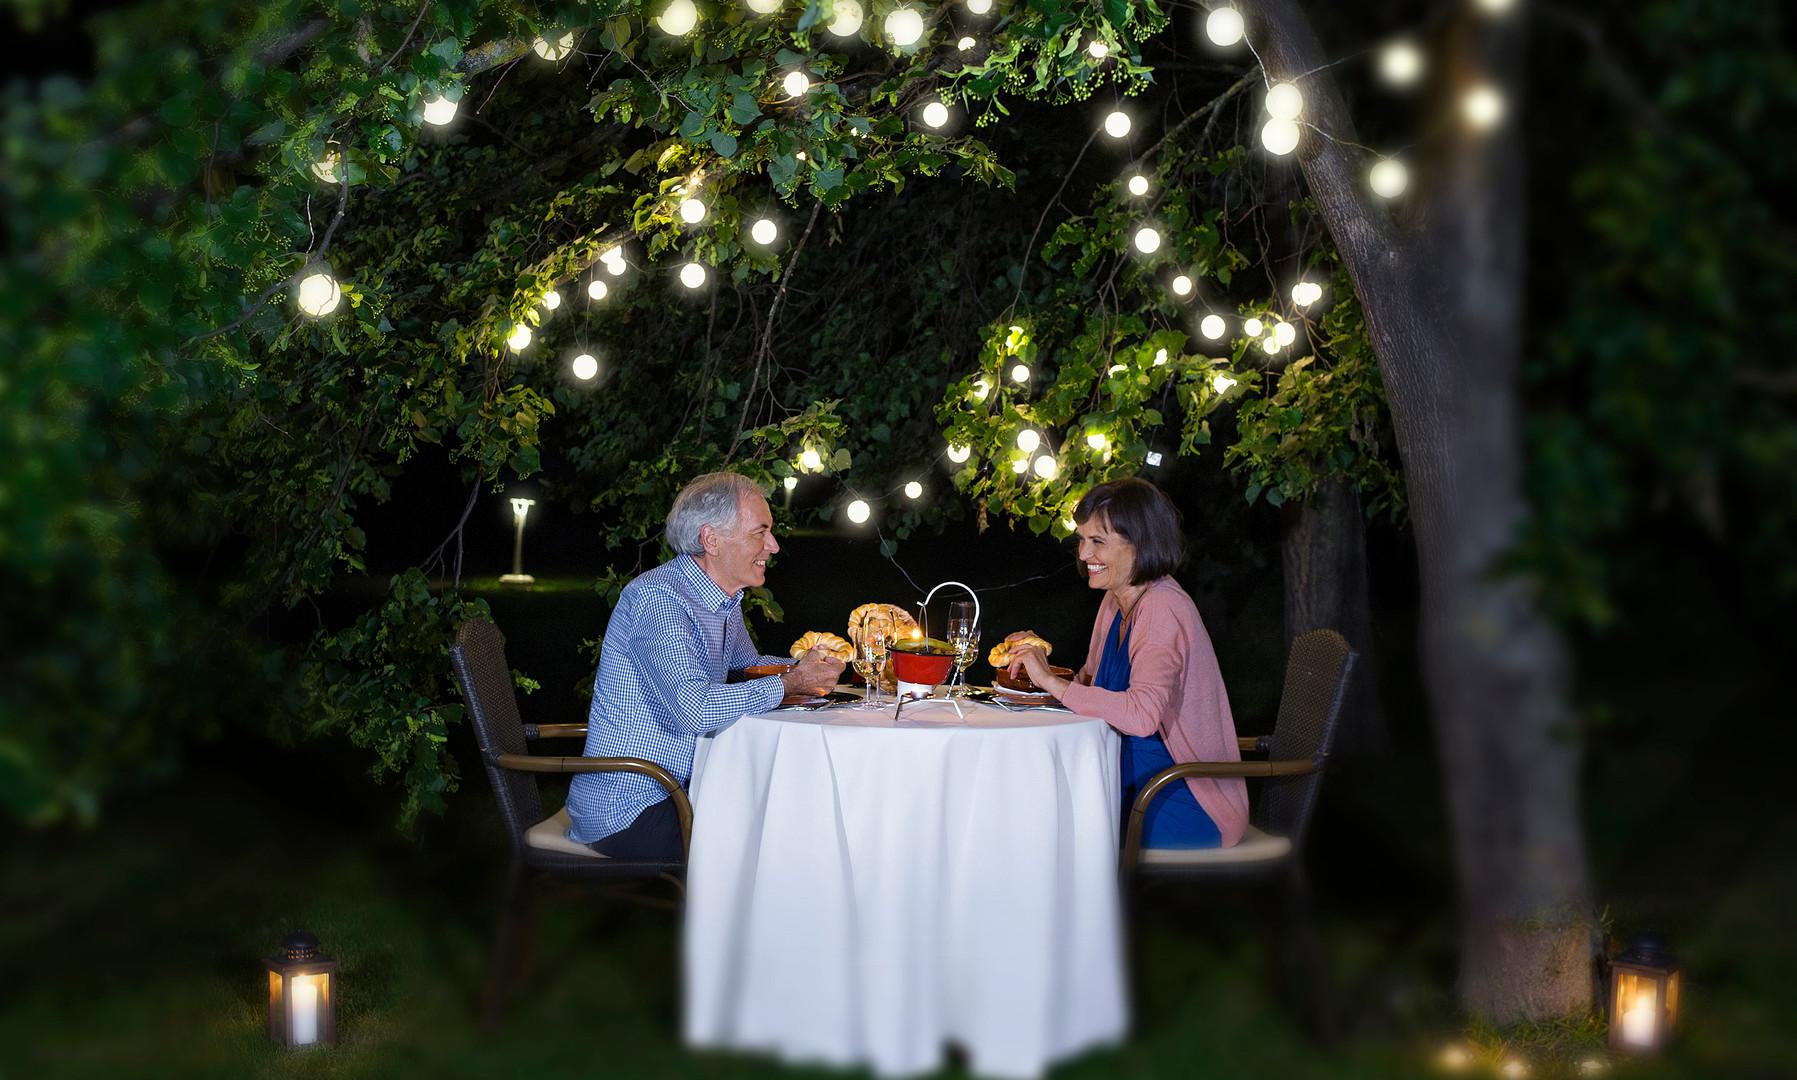 gastronomy_seniors_romanticdinner_2_TL_D